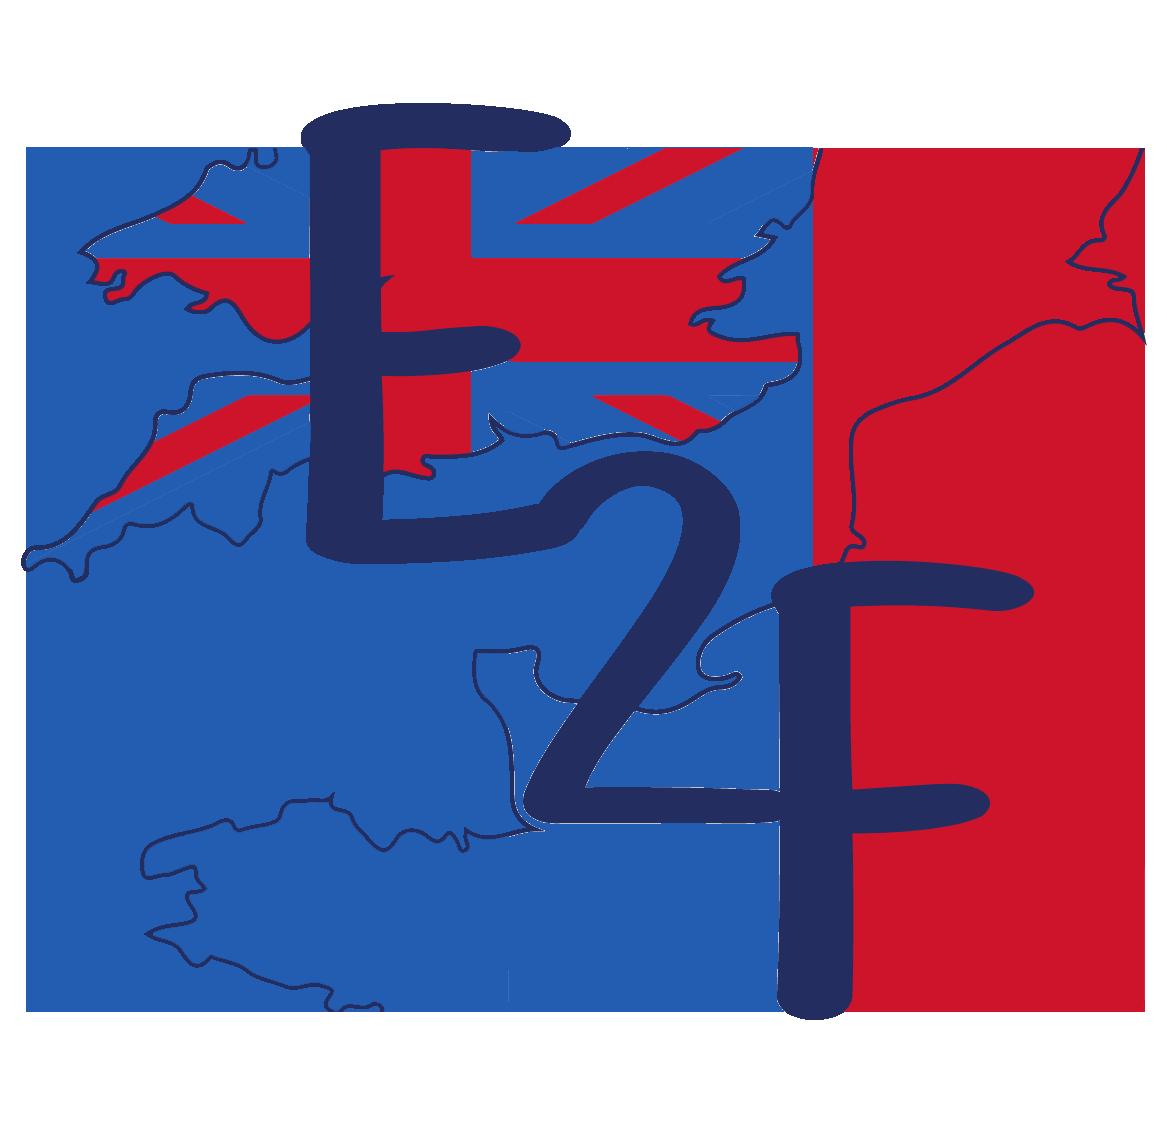 Emma 2 France logo2 final2c.png